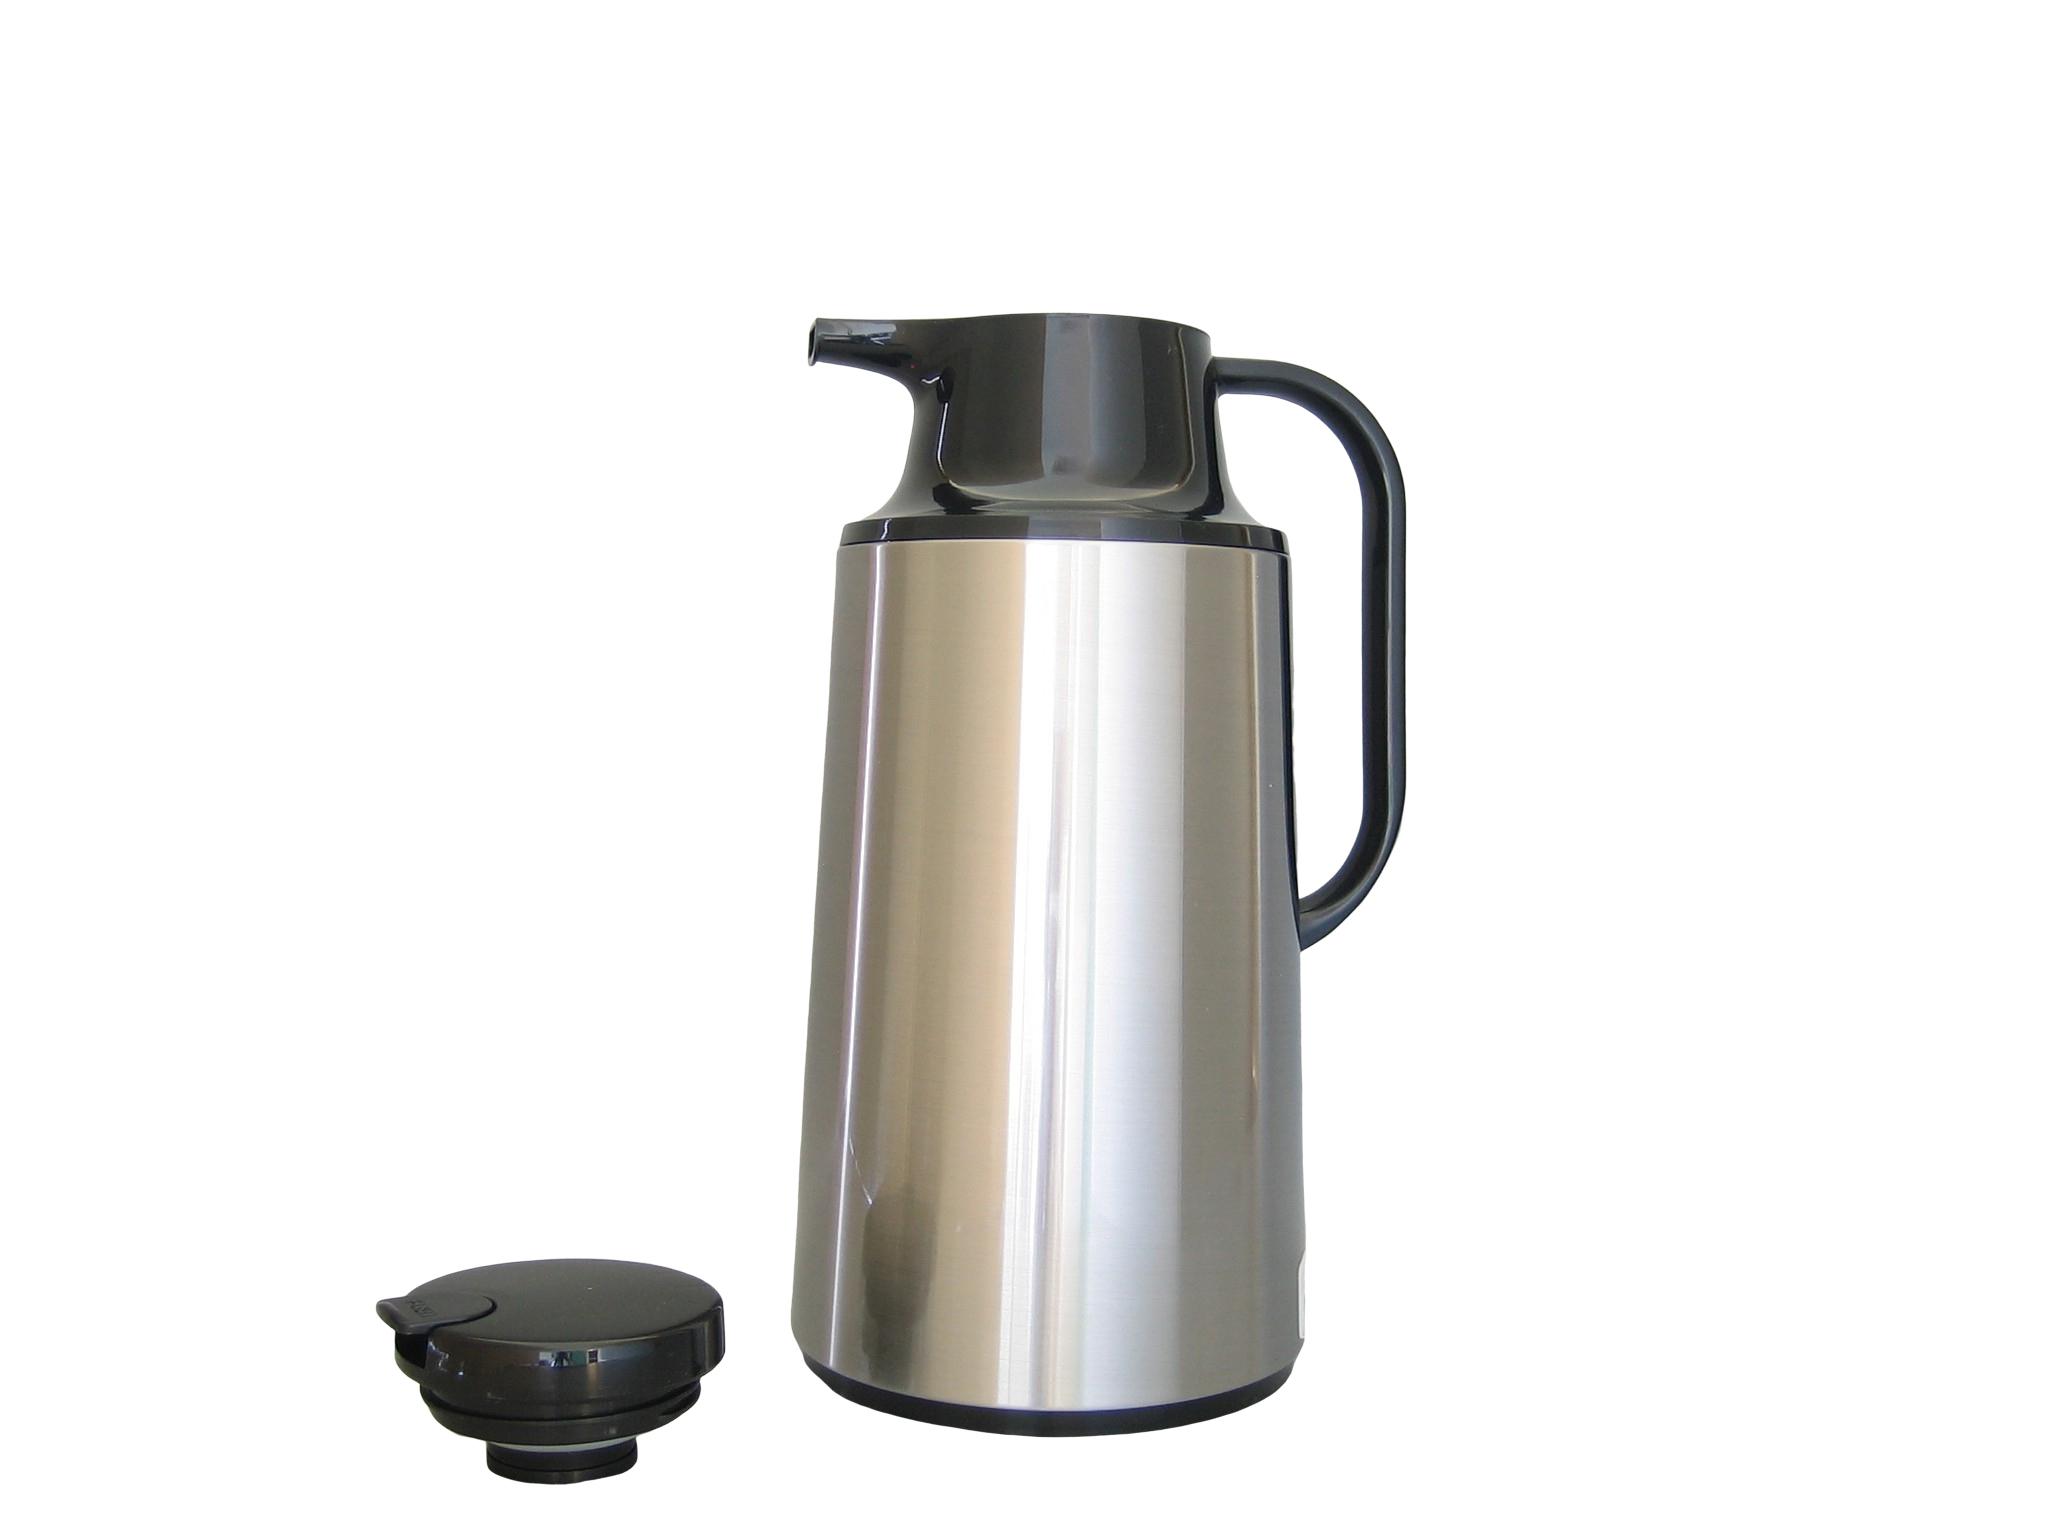 HUS161 - Vacuum carafe SS 1.60 L (ALLGO) - Allgo